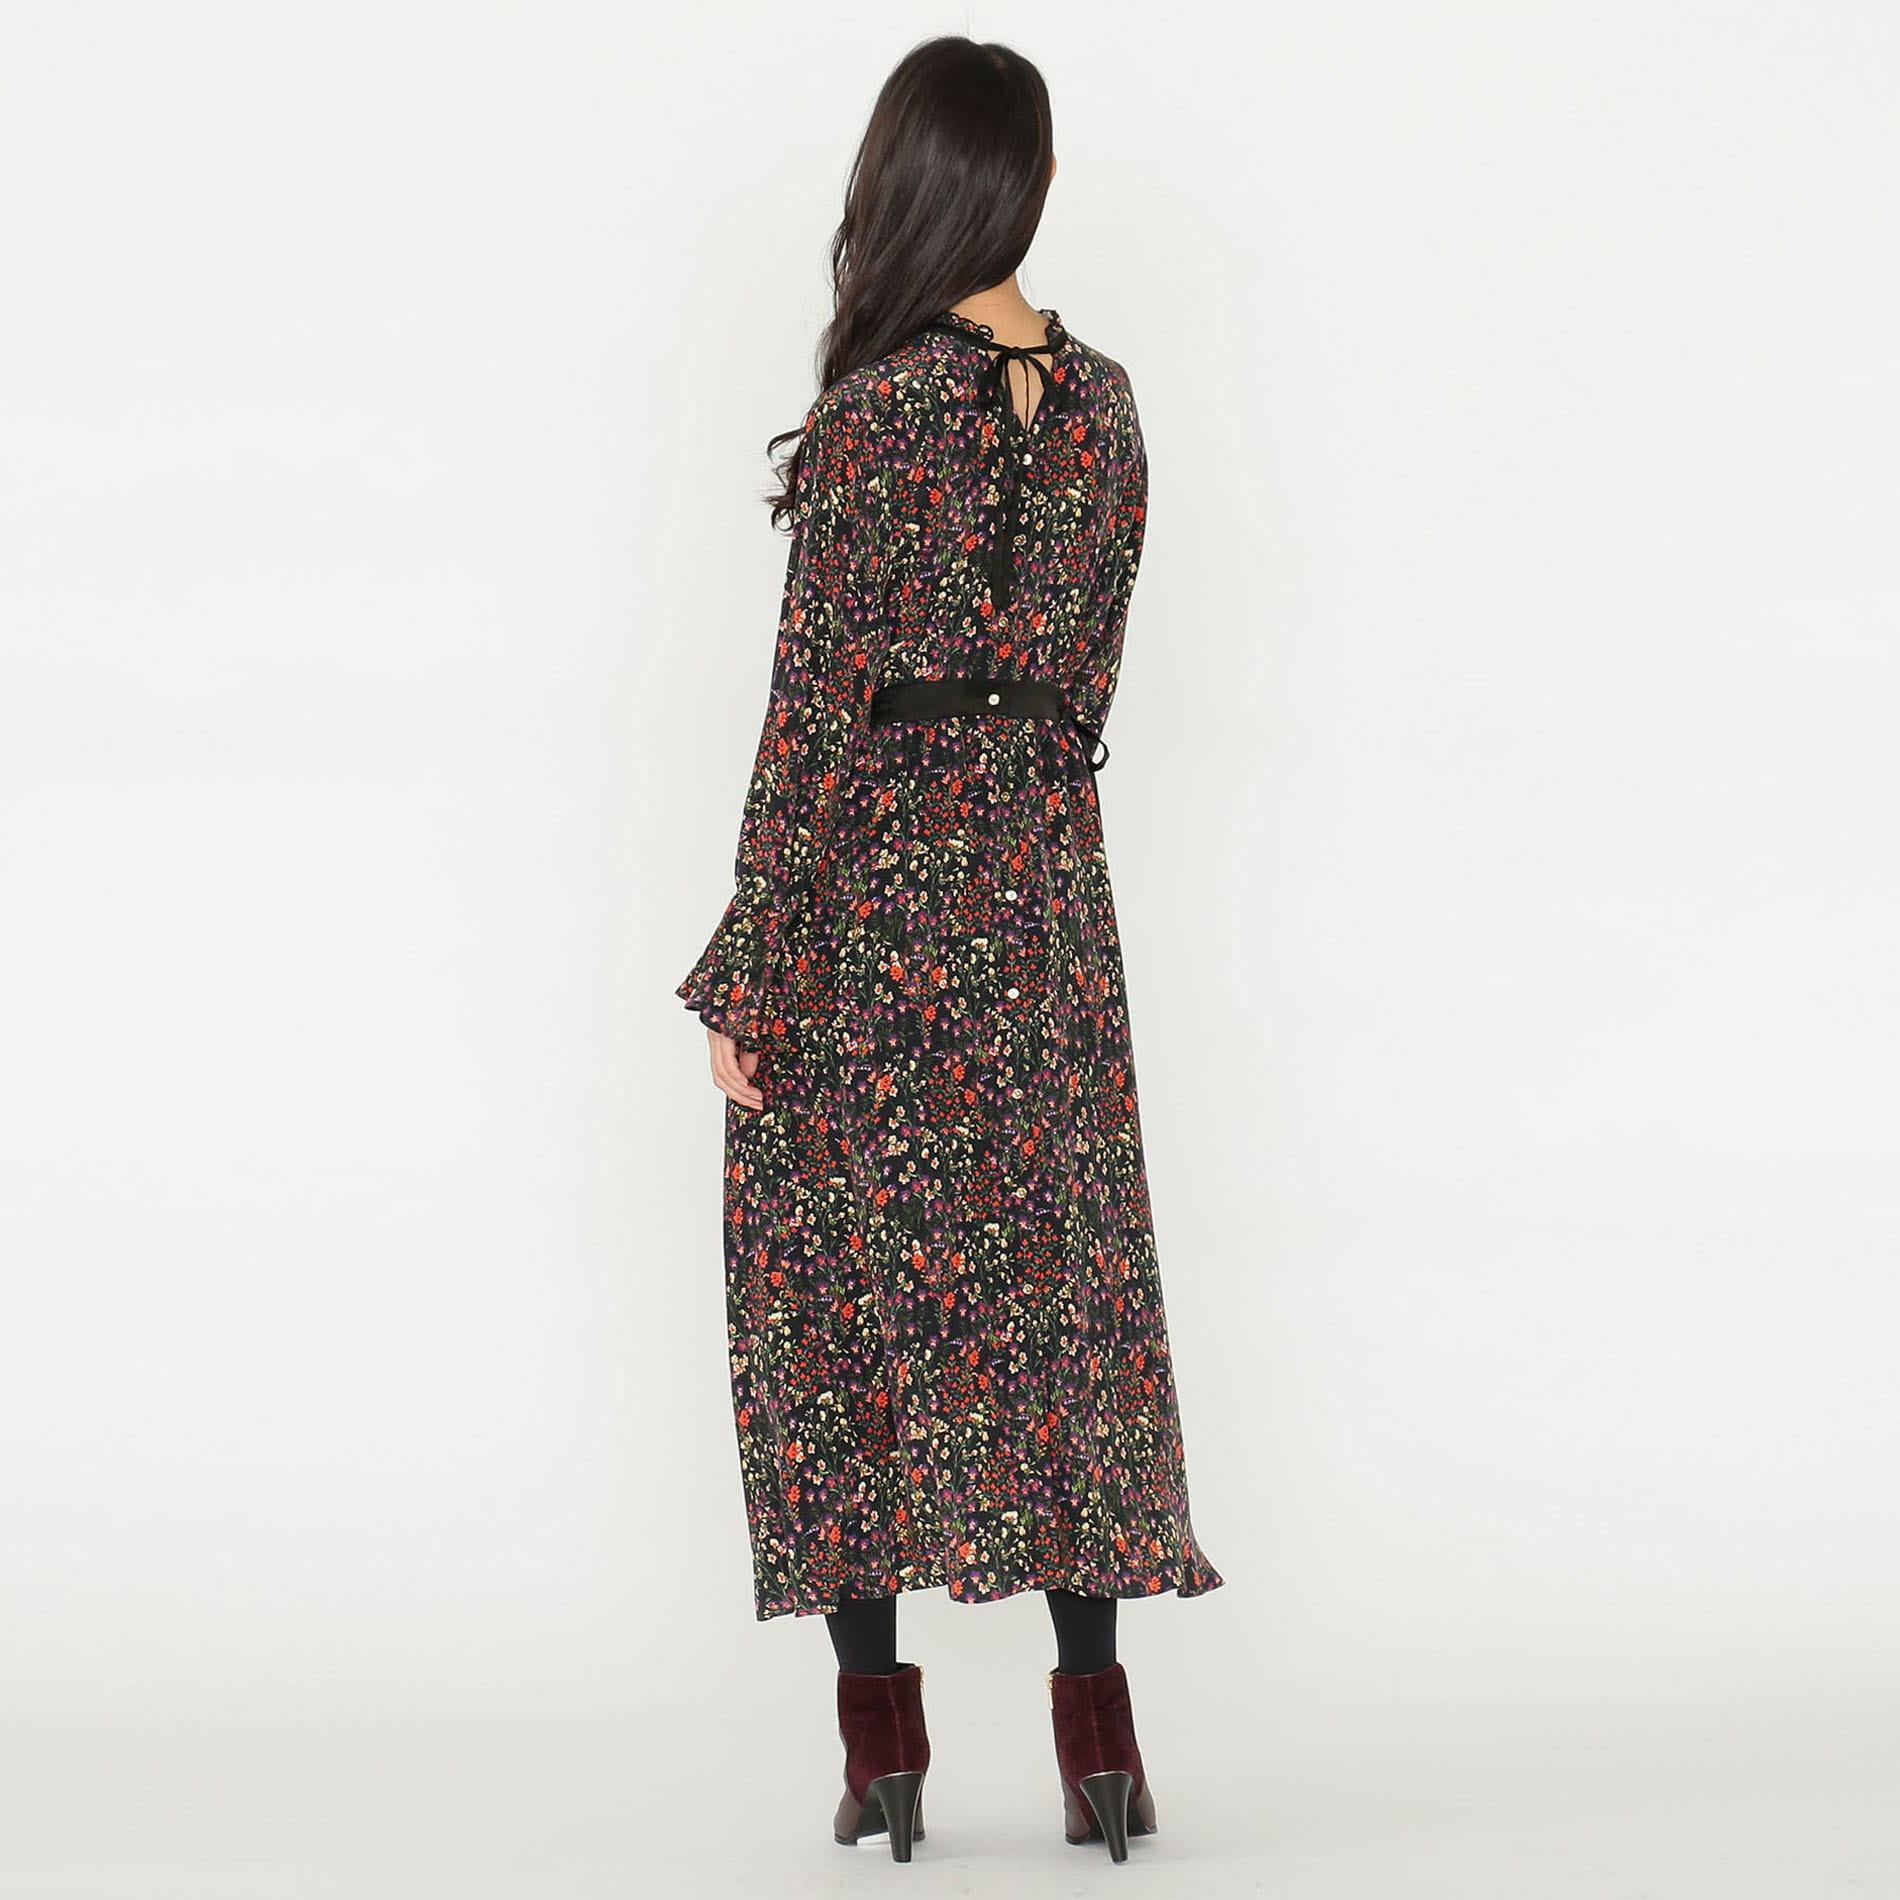 【予約販売】ヴィンテージフラワー シャツドレス